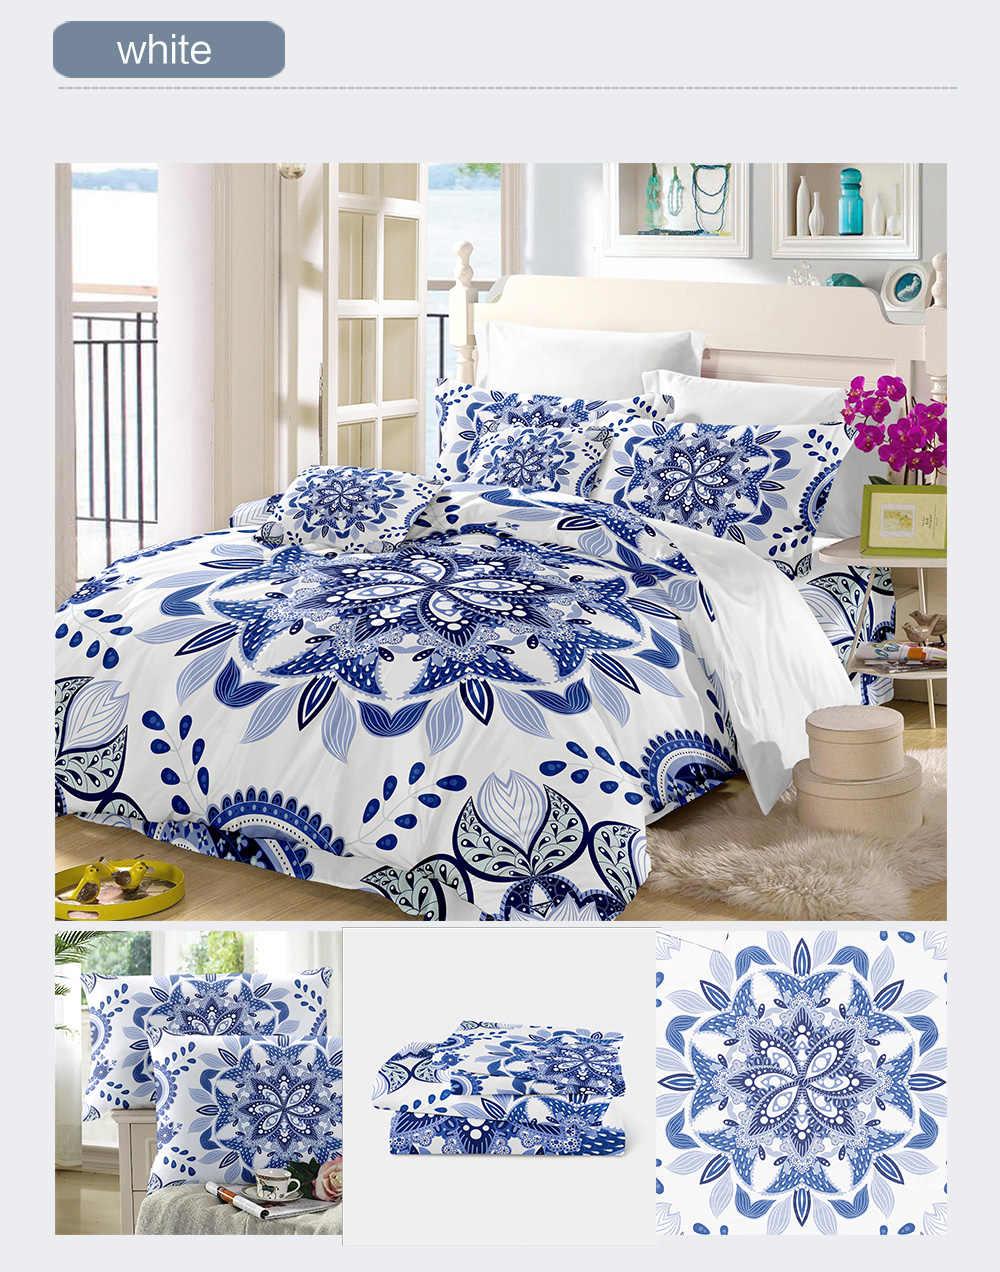 Luksusowy chiński etniczny stylowa pościel zestaw zestaw poszewek niebieski biały porcelanowy pościel poszewki 45*45cm poszewka